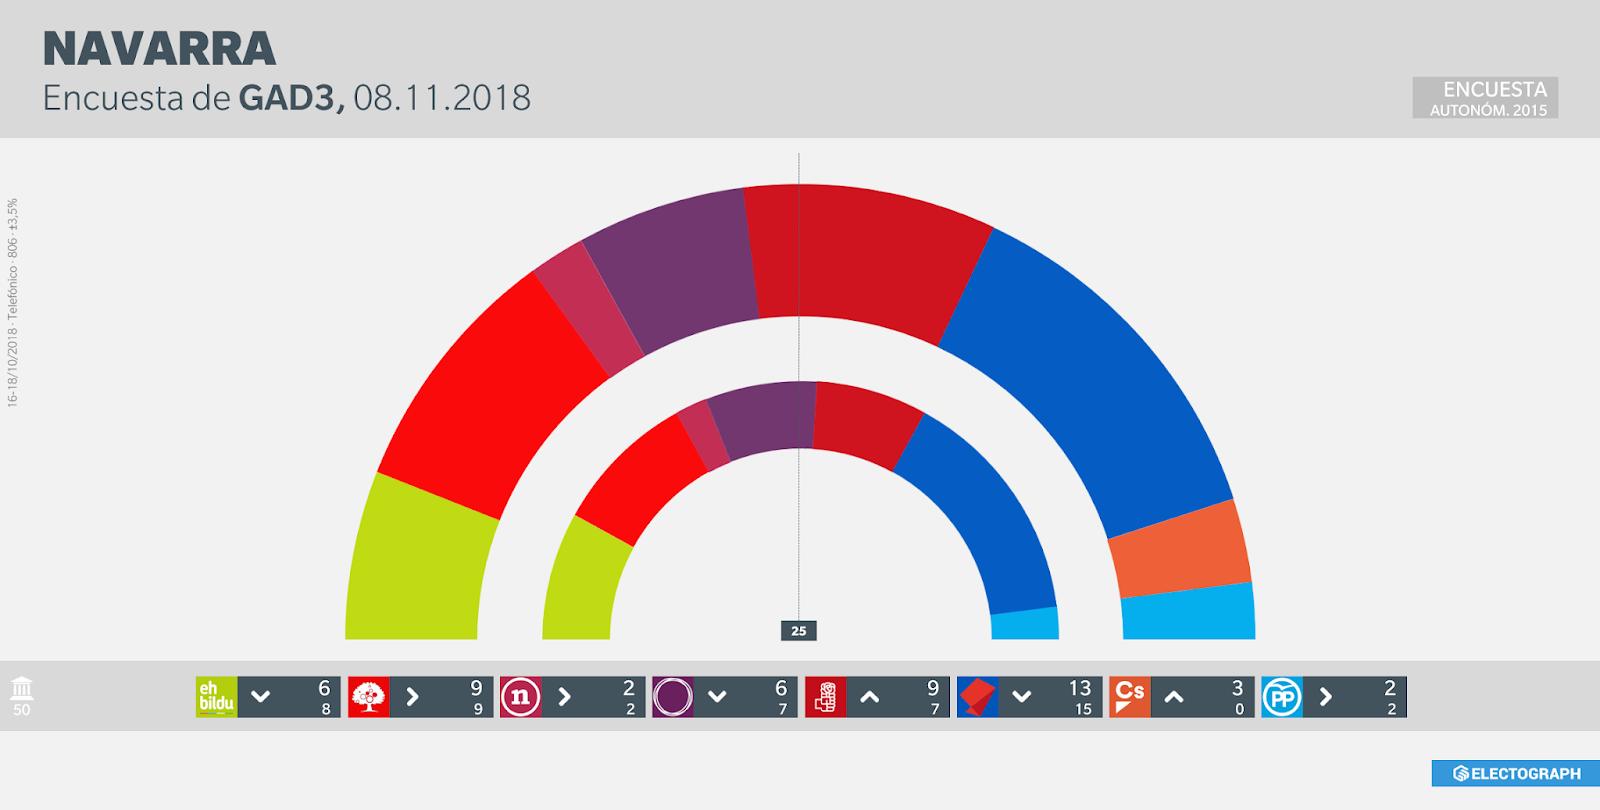 Gráfico de la encuesta para elecciones autonómicas en Navarra realizada por GAD3 en octubre de 2018